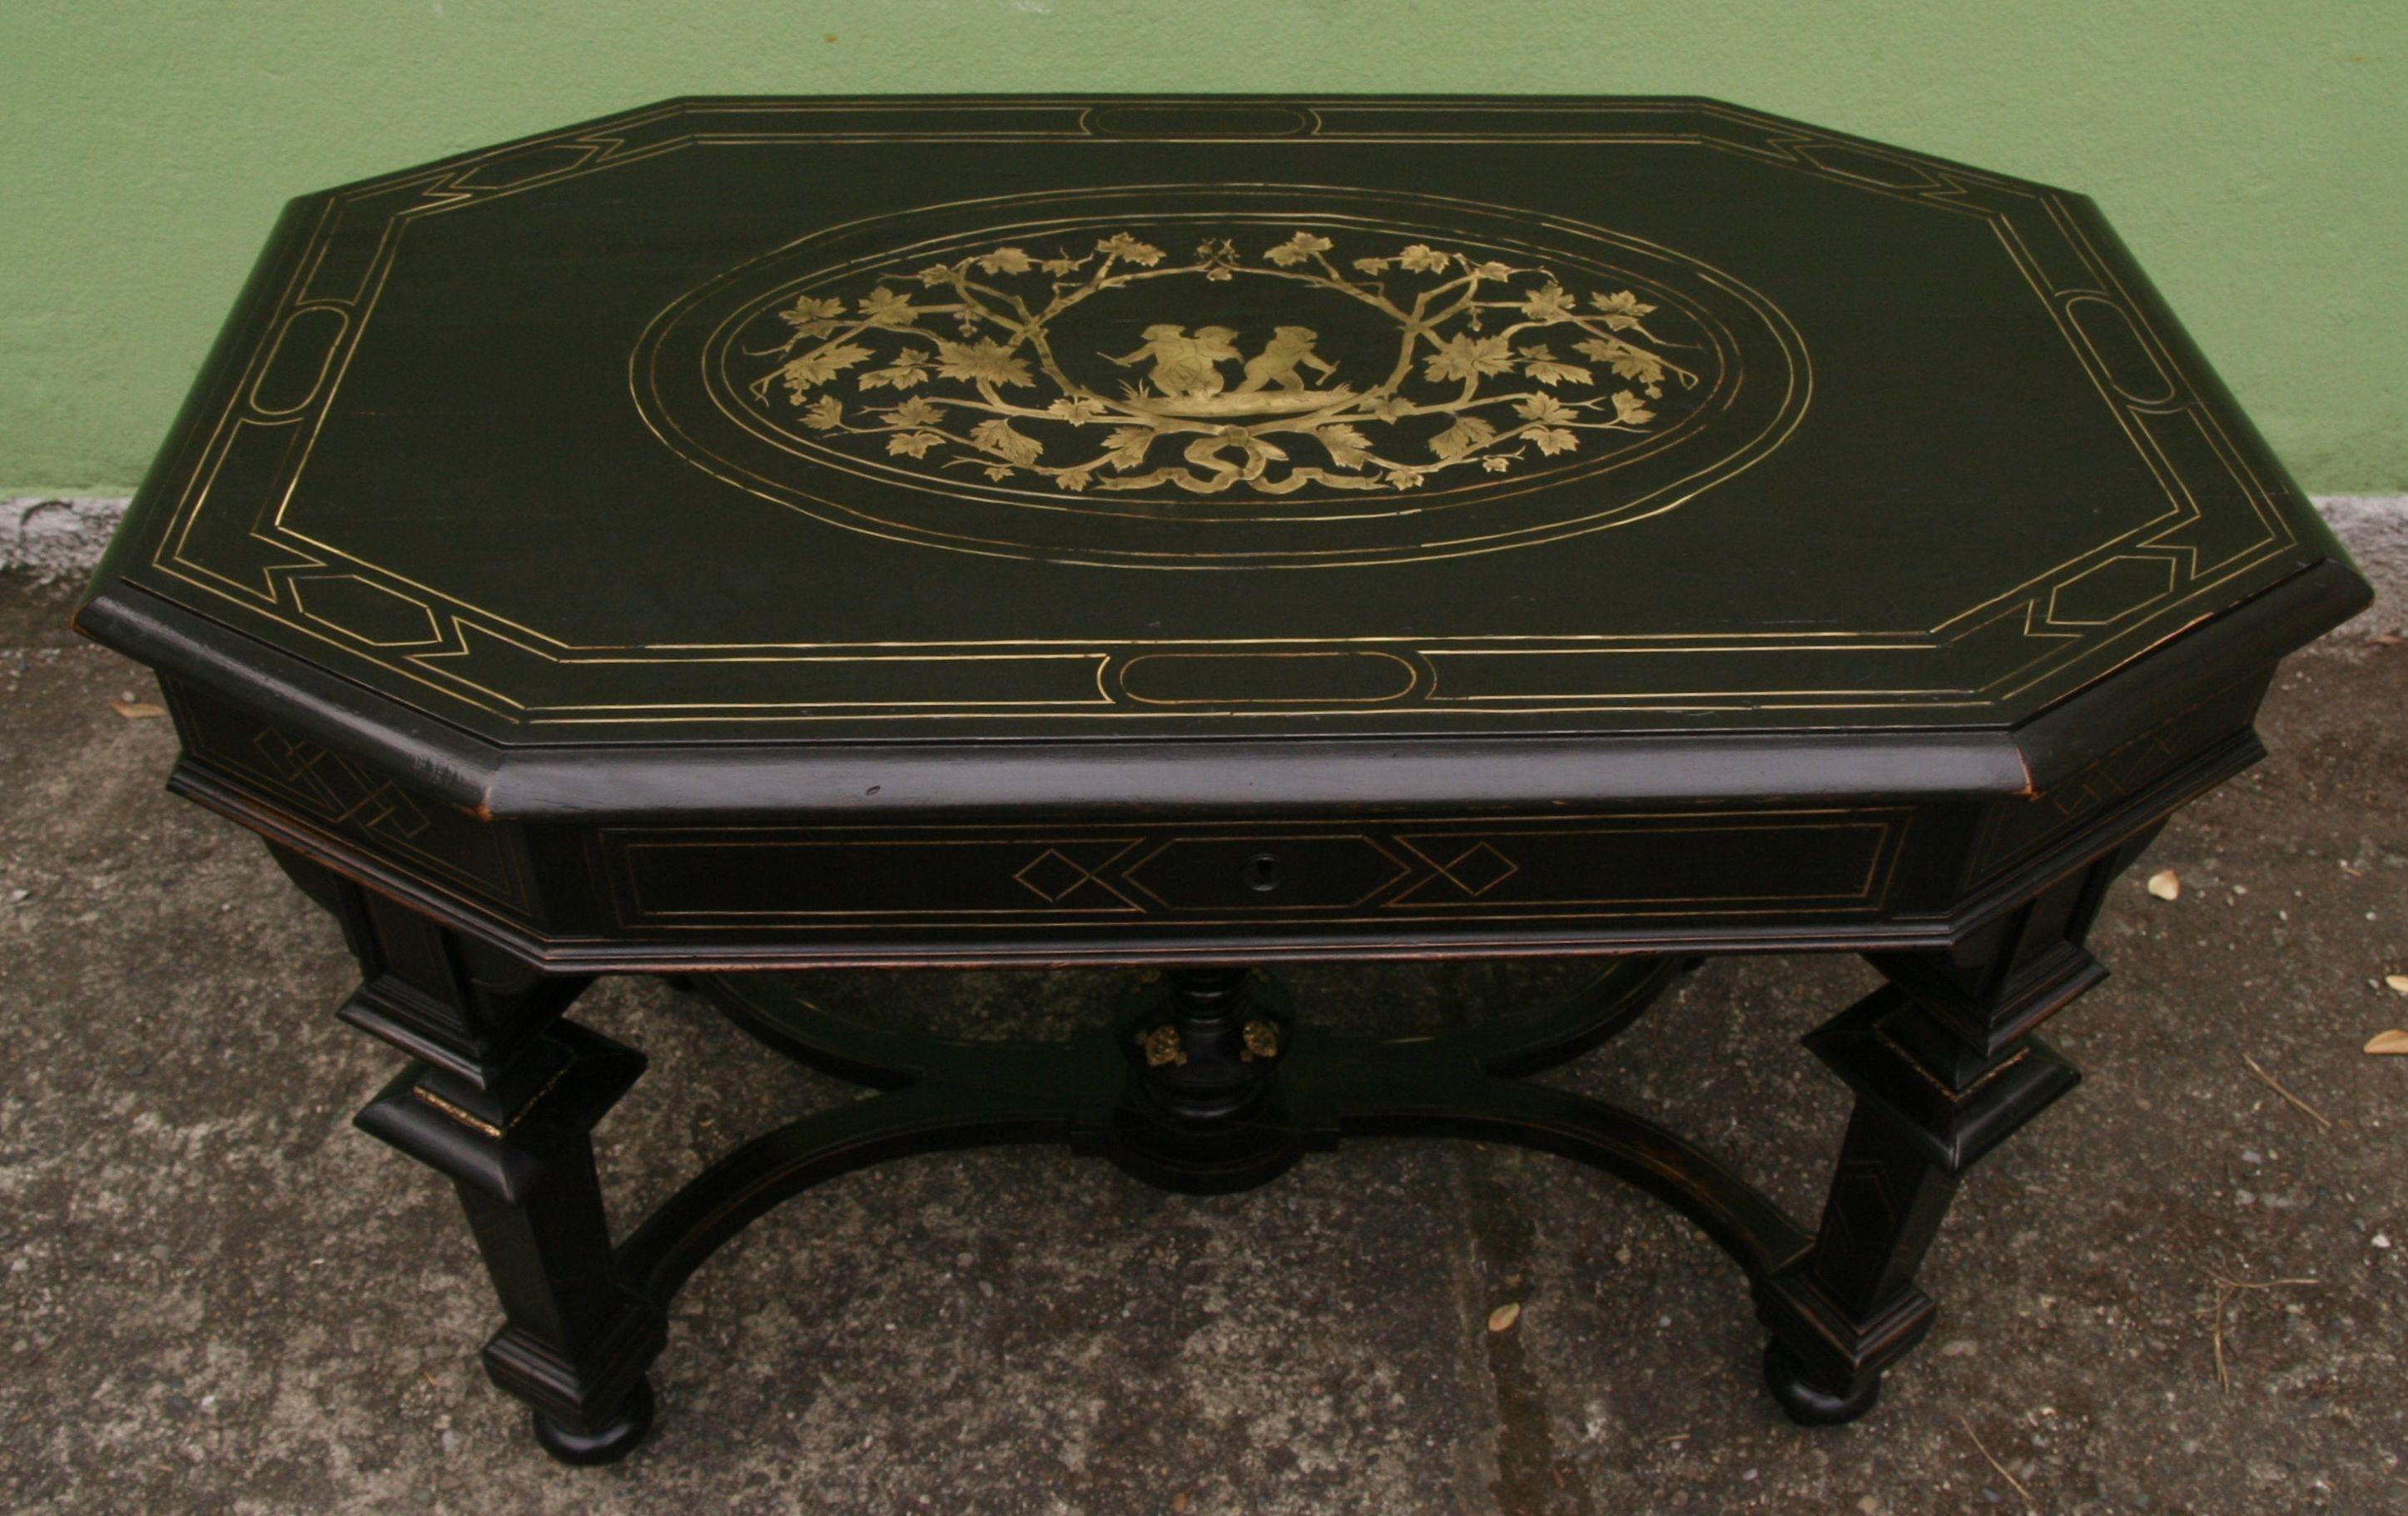 Tavolo Intarsiato ~ Il tavolo intarsiato in ottone dopo il restauro restauro di un